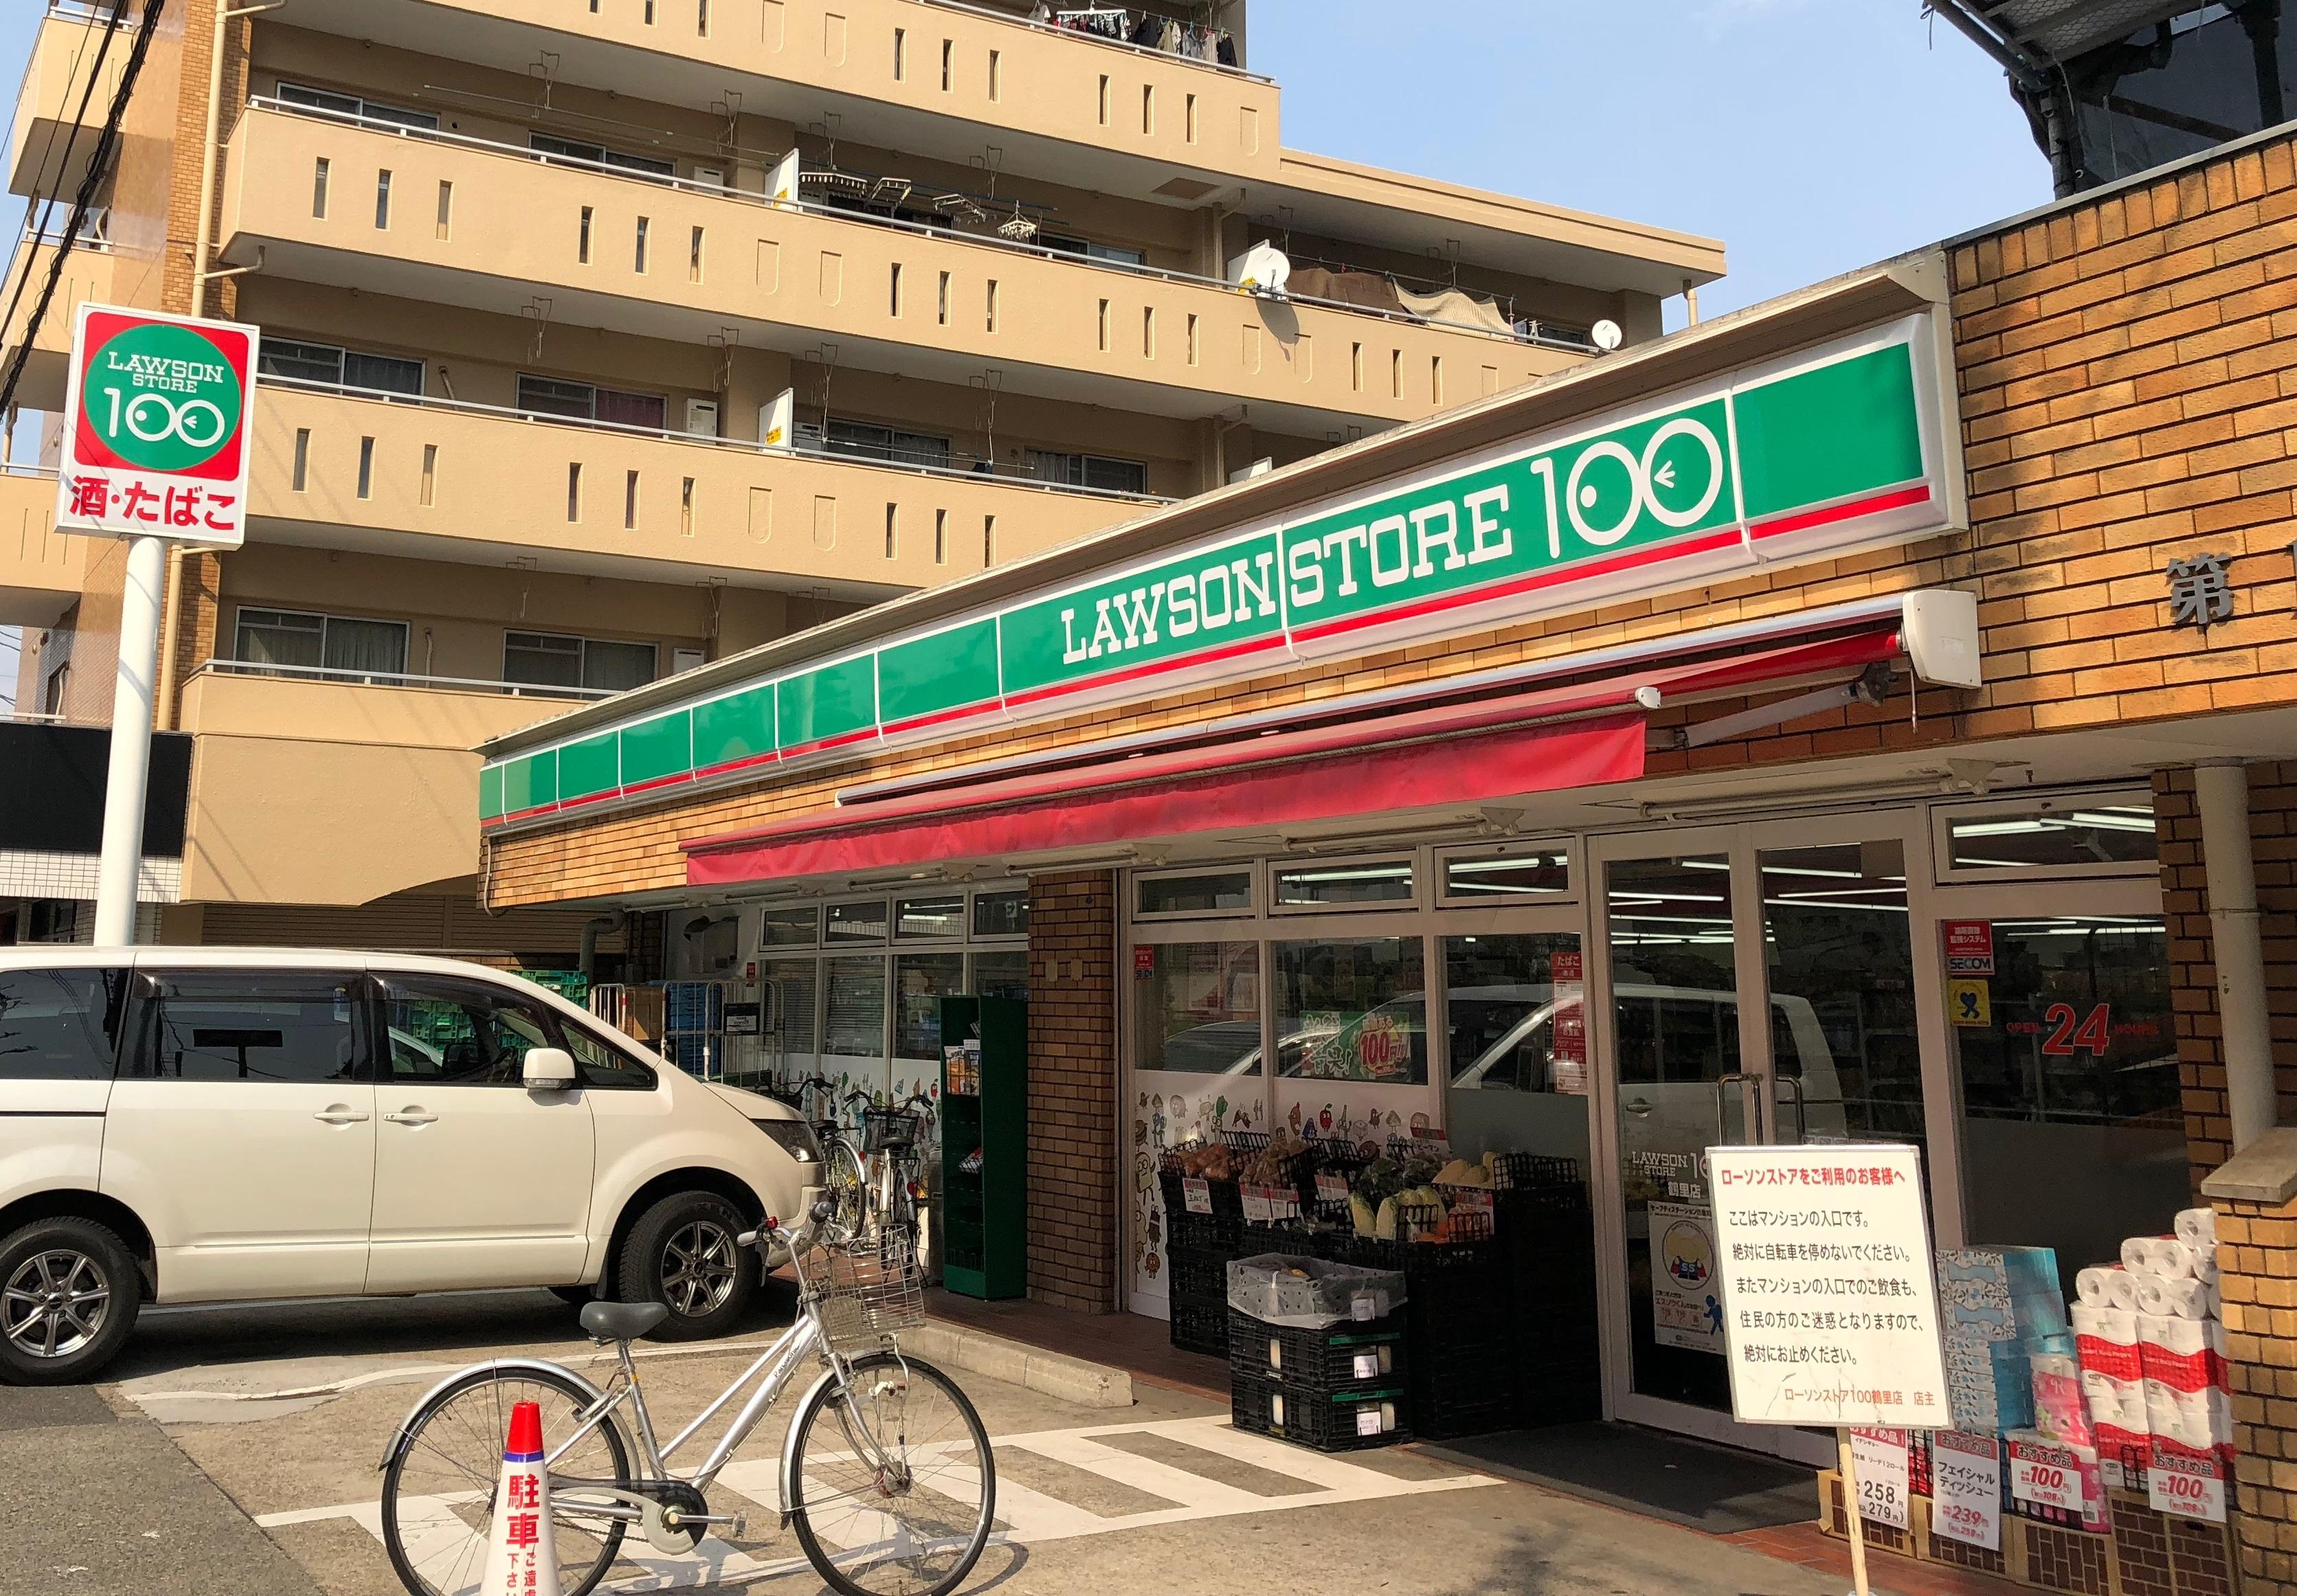 ローソンストア100鶴里店